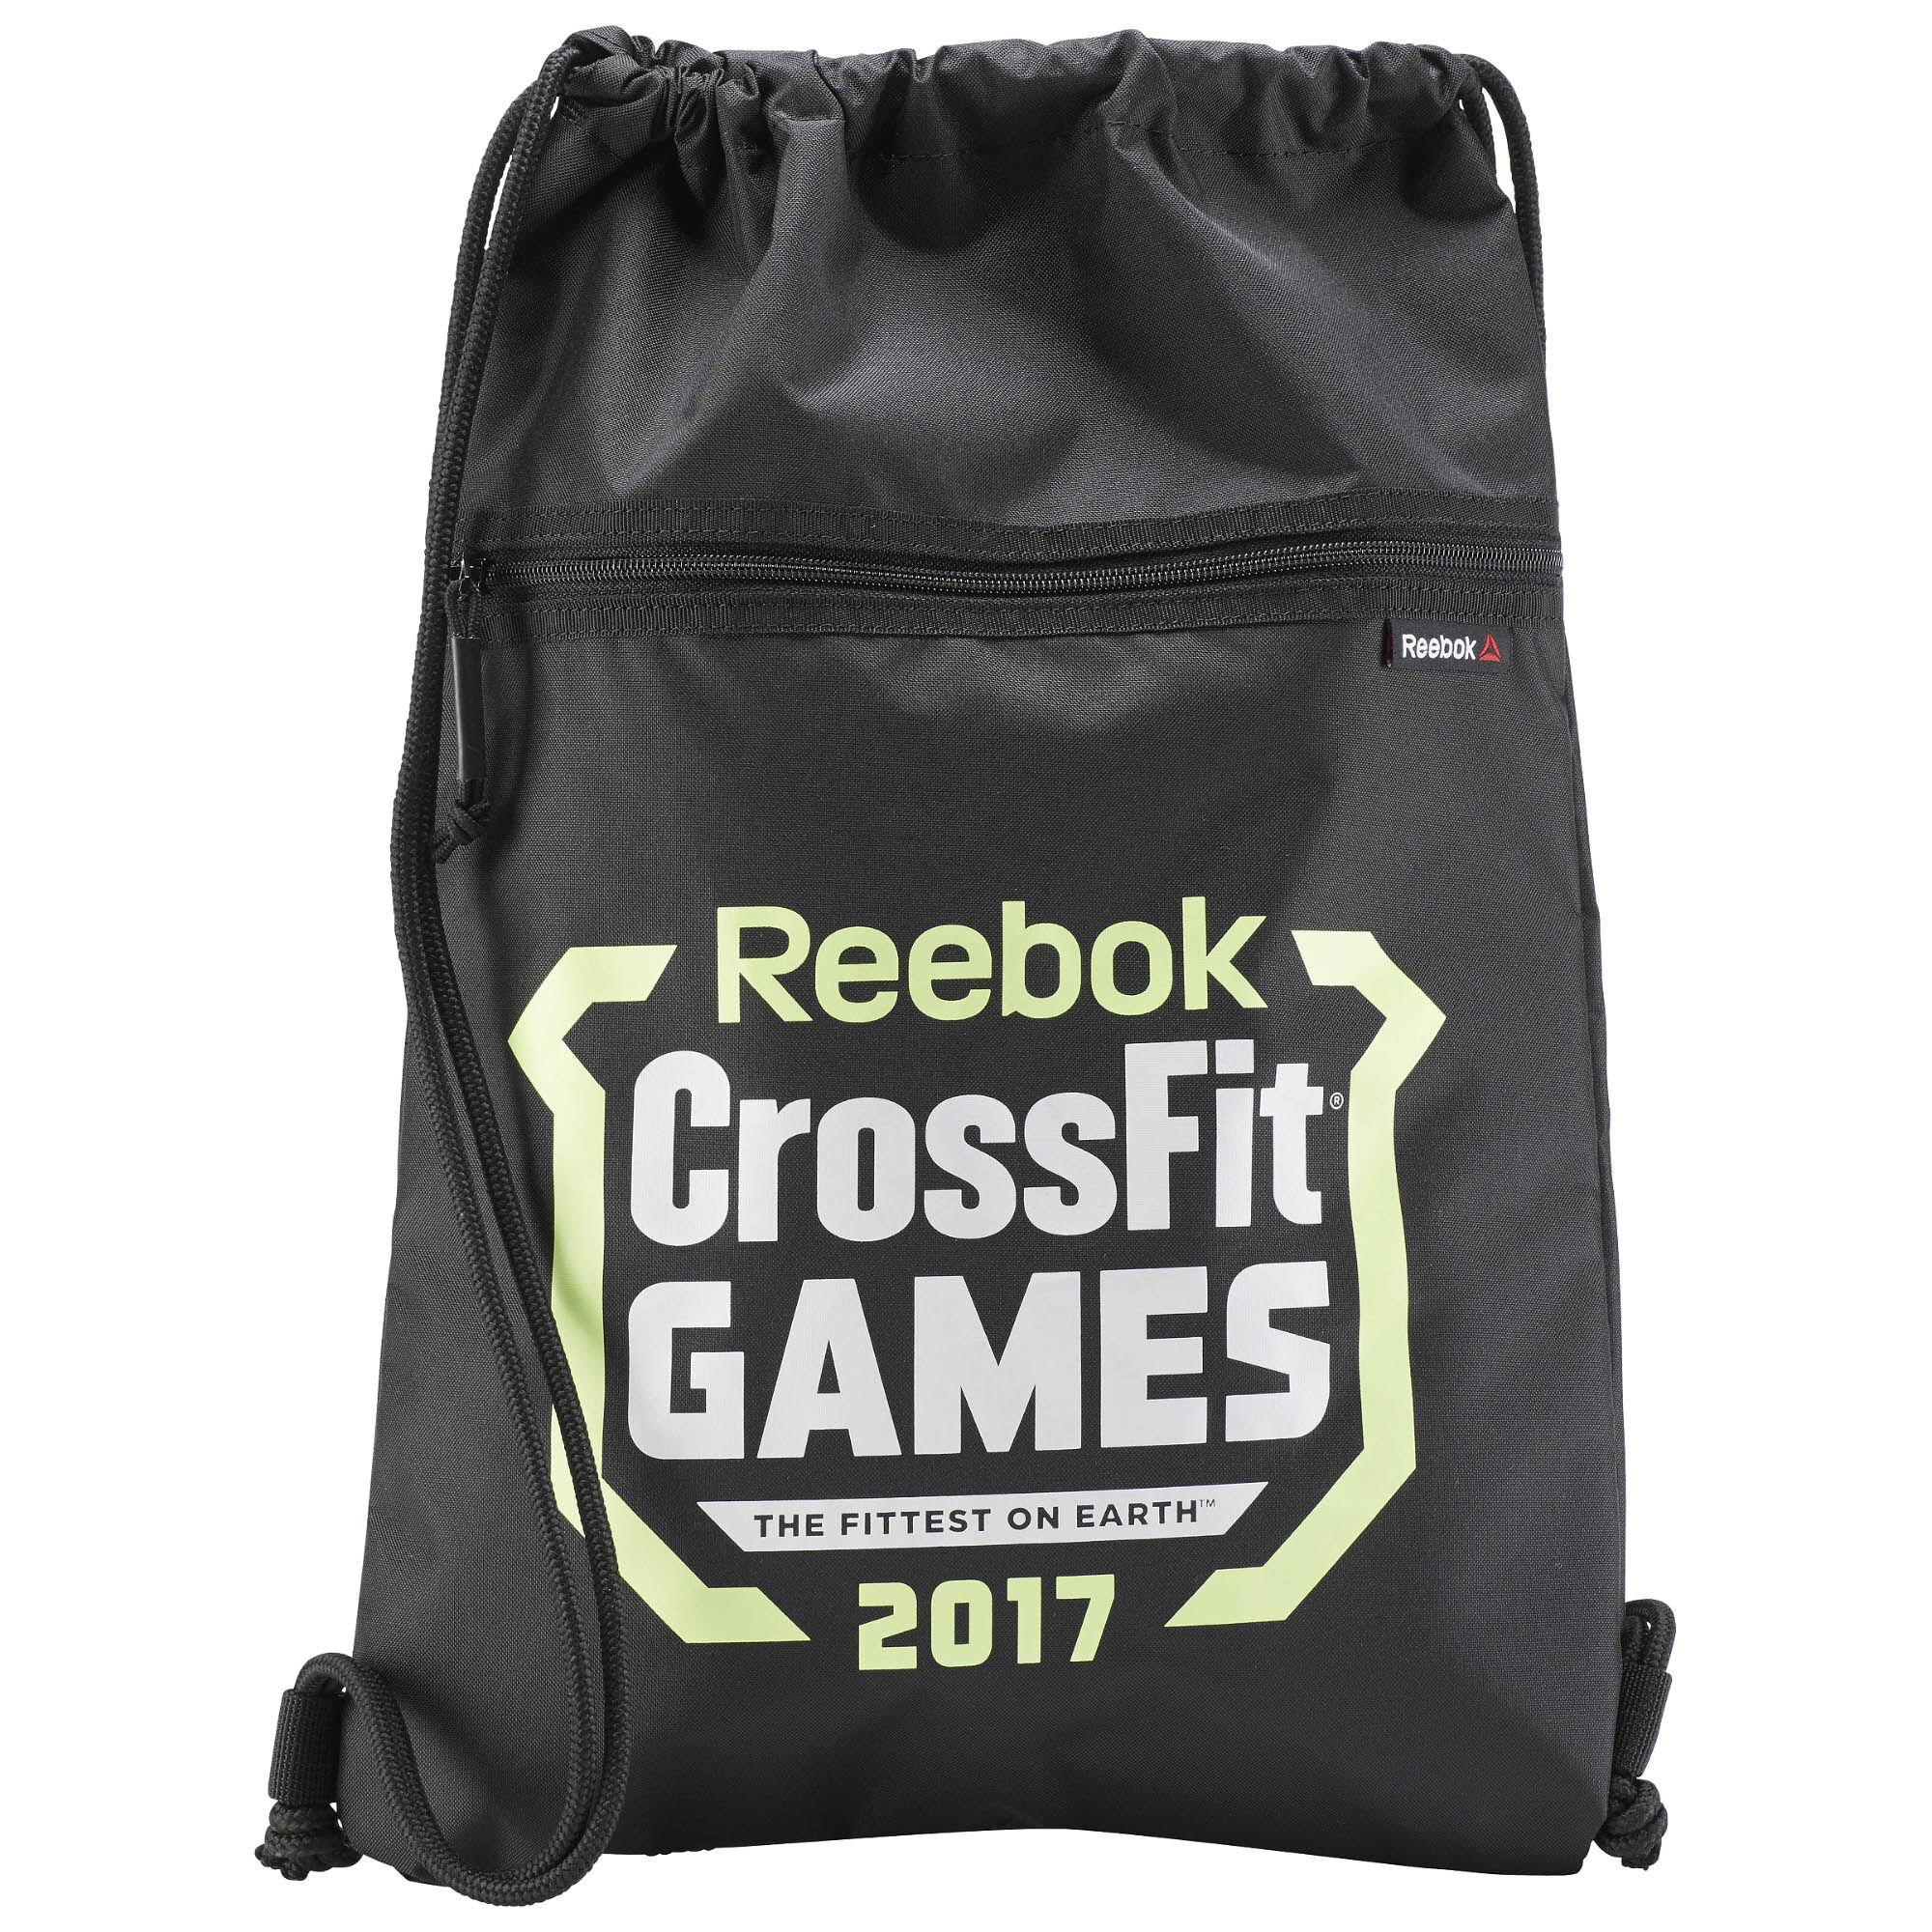 Reebok Crossfit Bags For Men